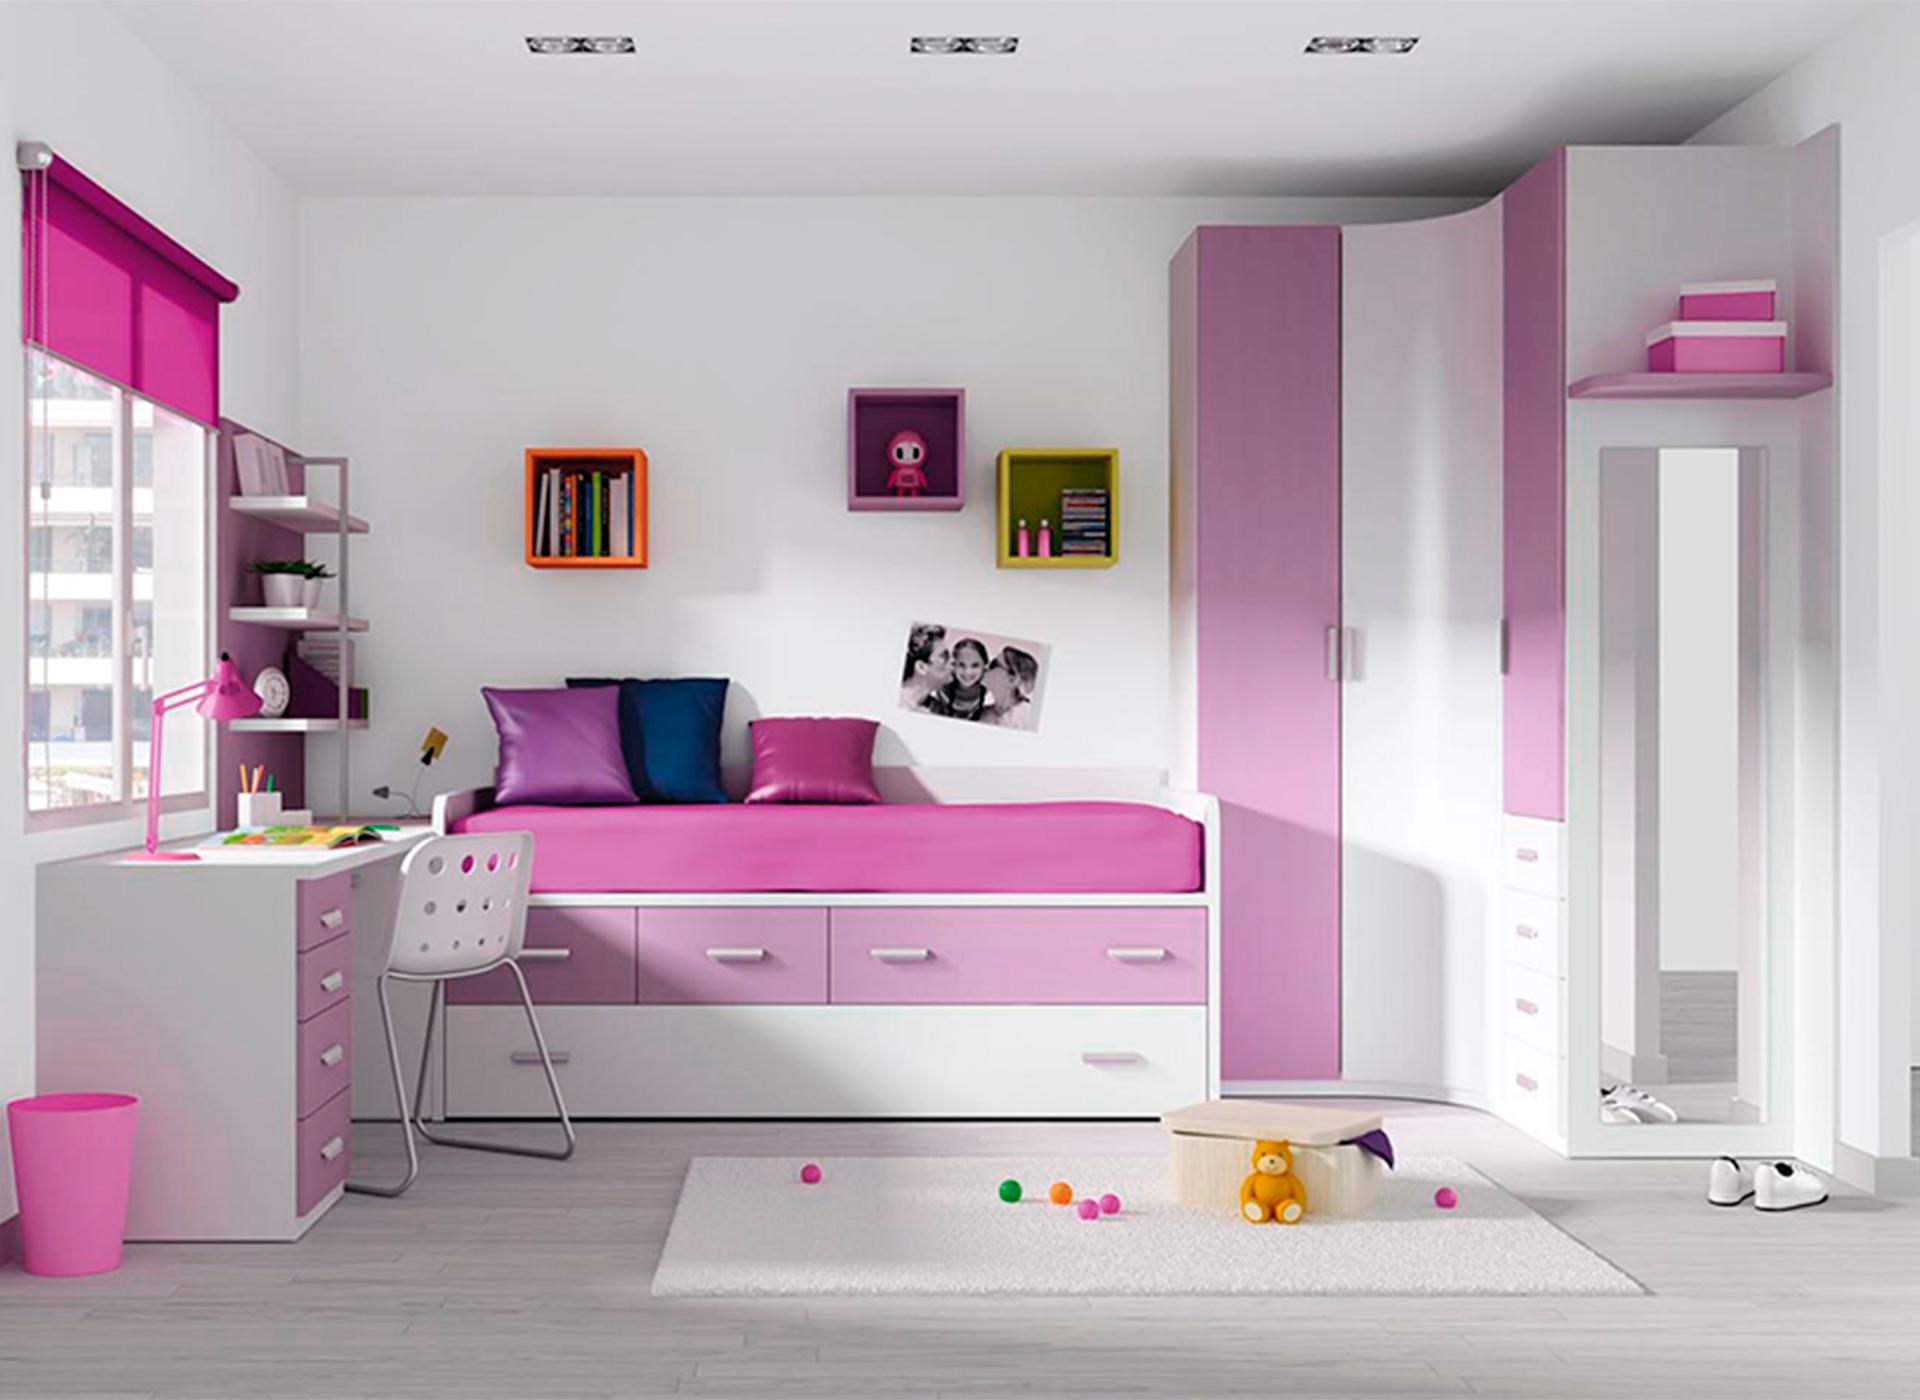 Muebles en logro o muebles baratos de buena calidad for Muebles juveniles de calidad